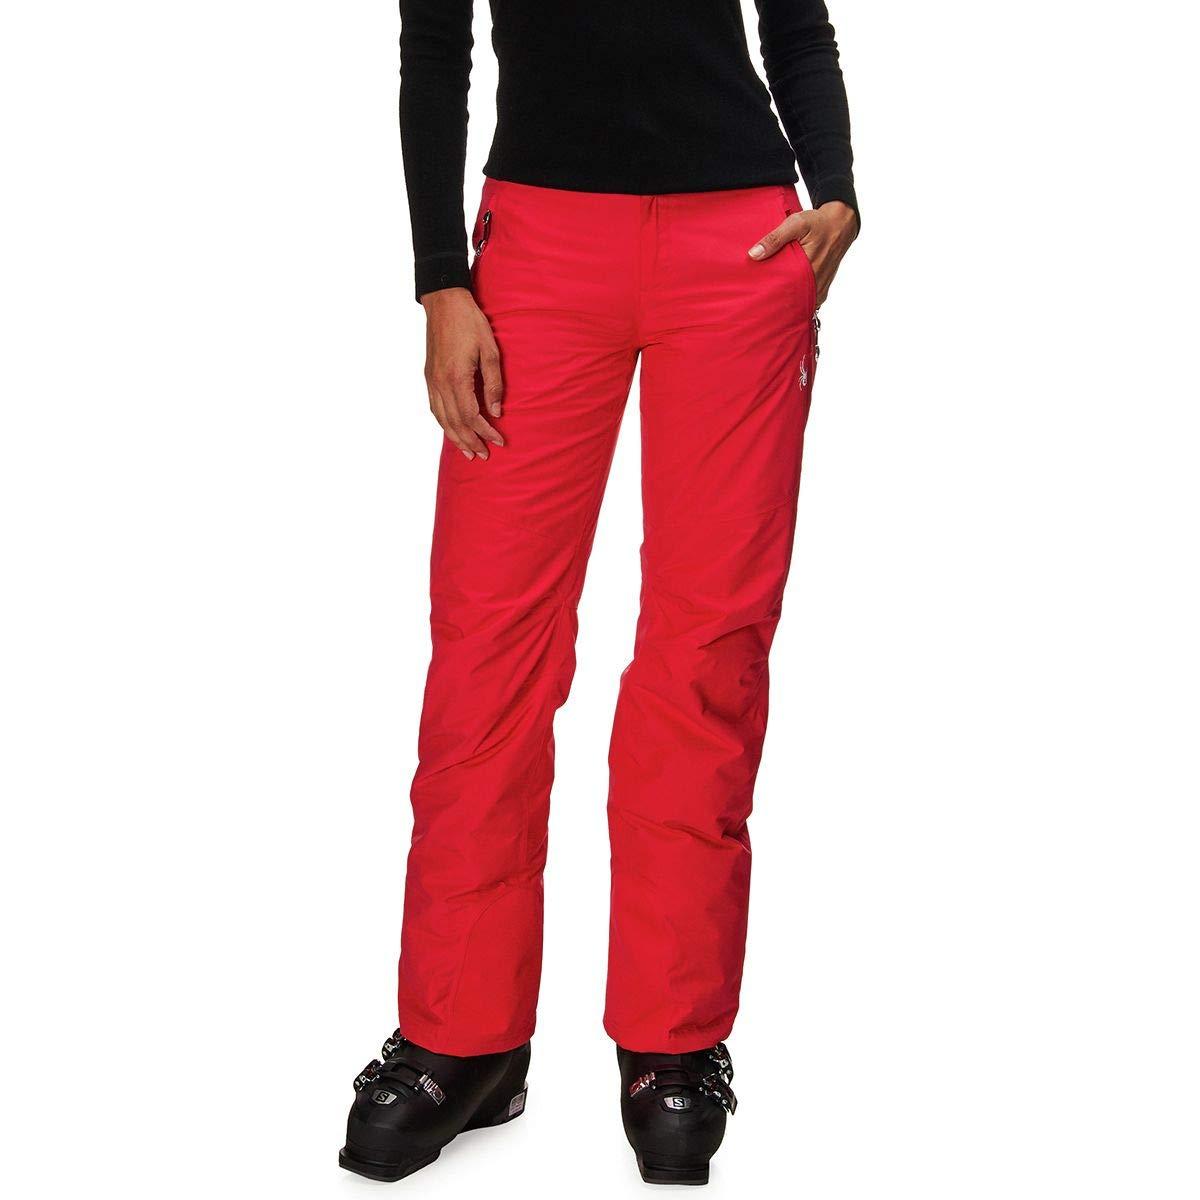 HIBISCUS HIBISCUS SPYDER Women's Winner Tailored GoreTEX Insulated Waterproof Winter Snow Pant